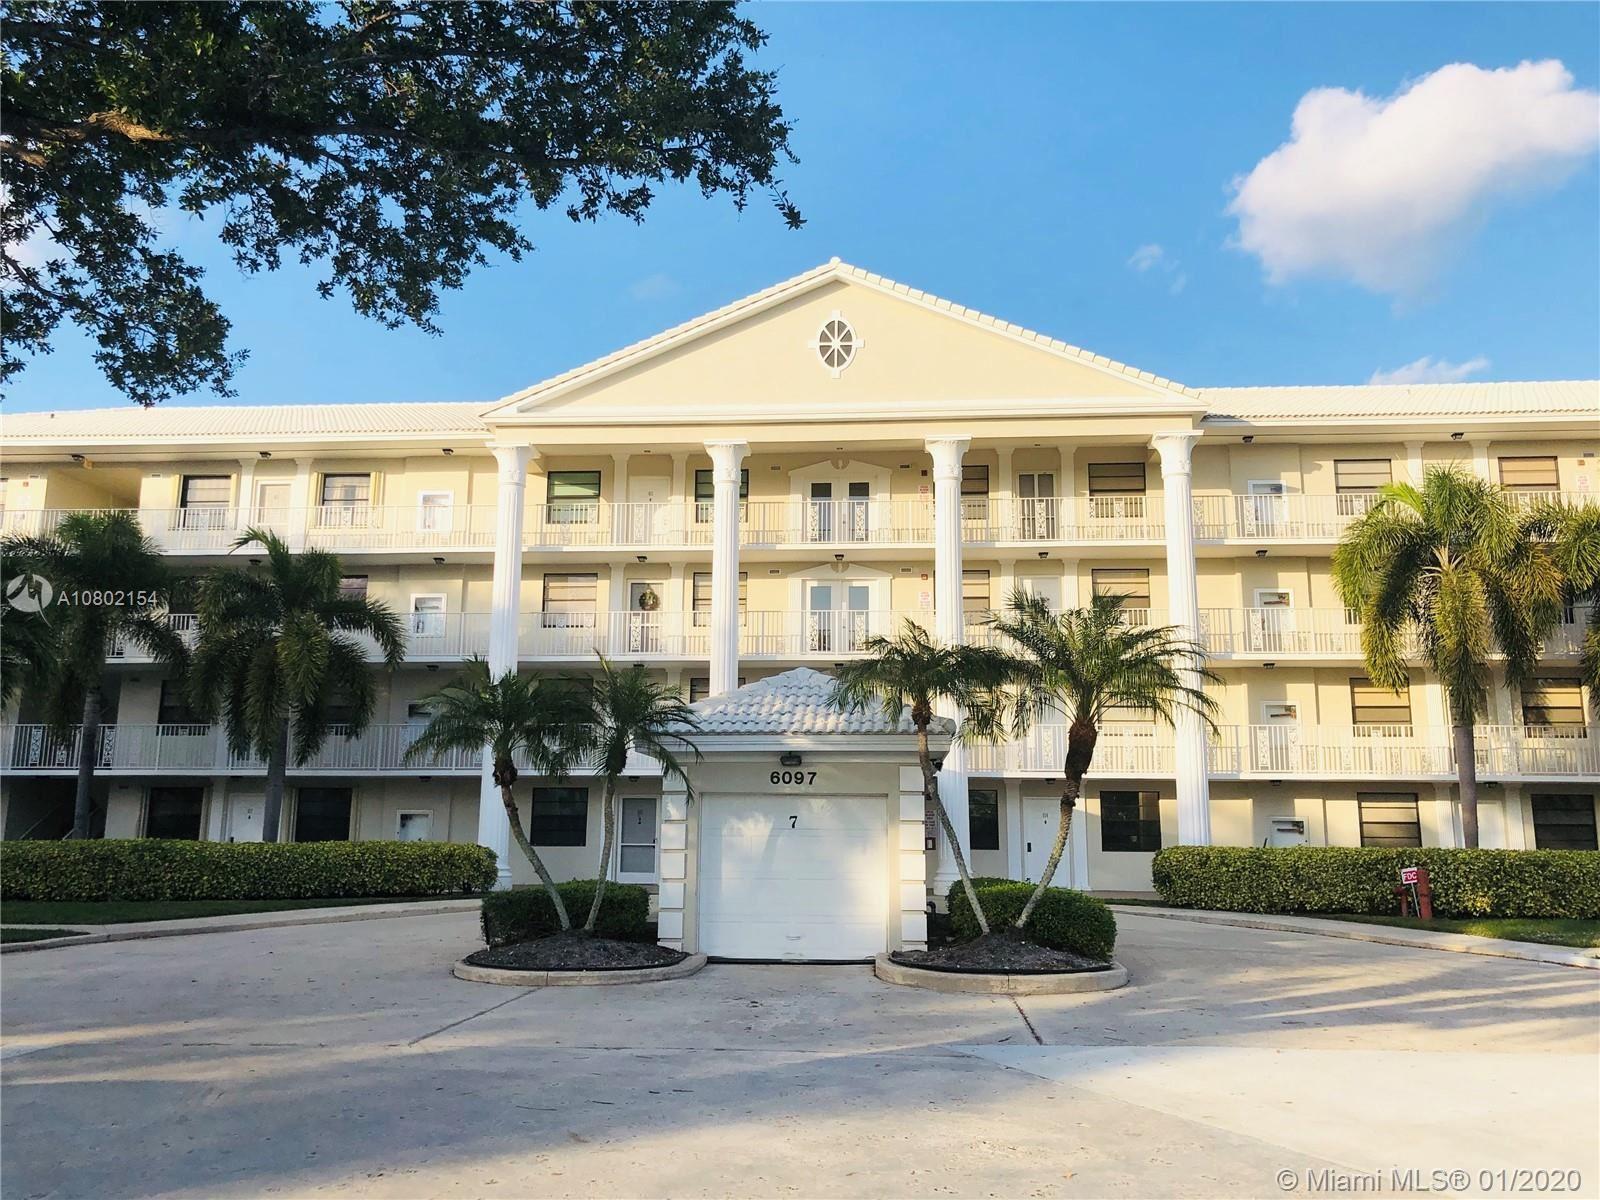 6097 Balboa Cir #303, Boca Raton, FL 33433 - #: A10802154